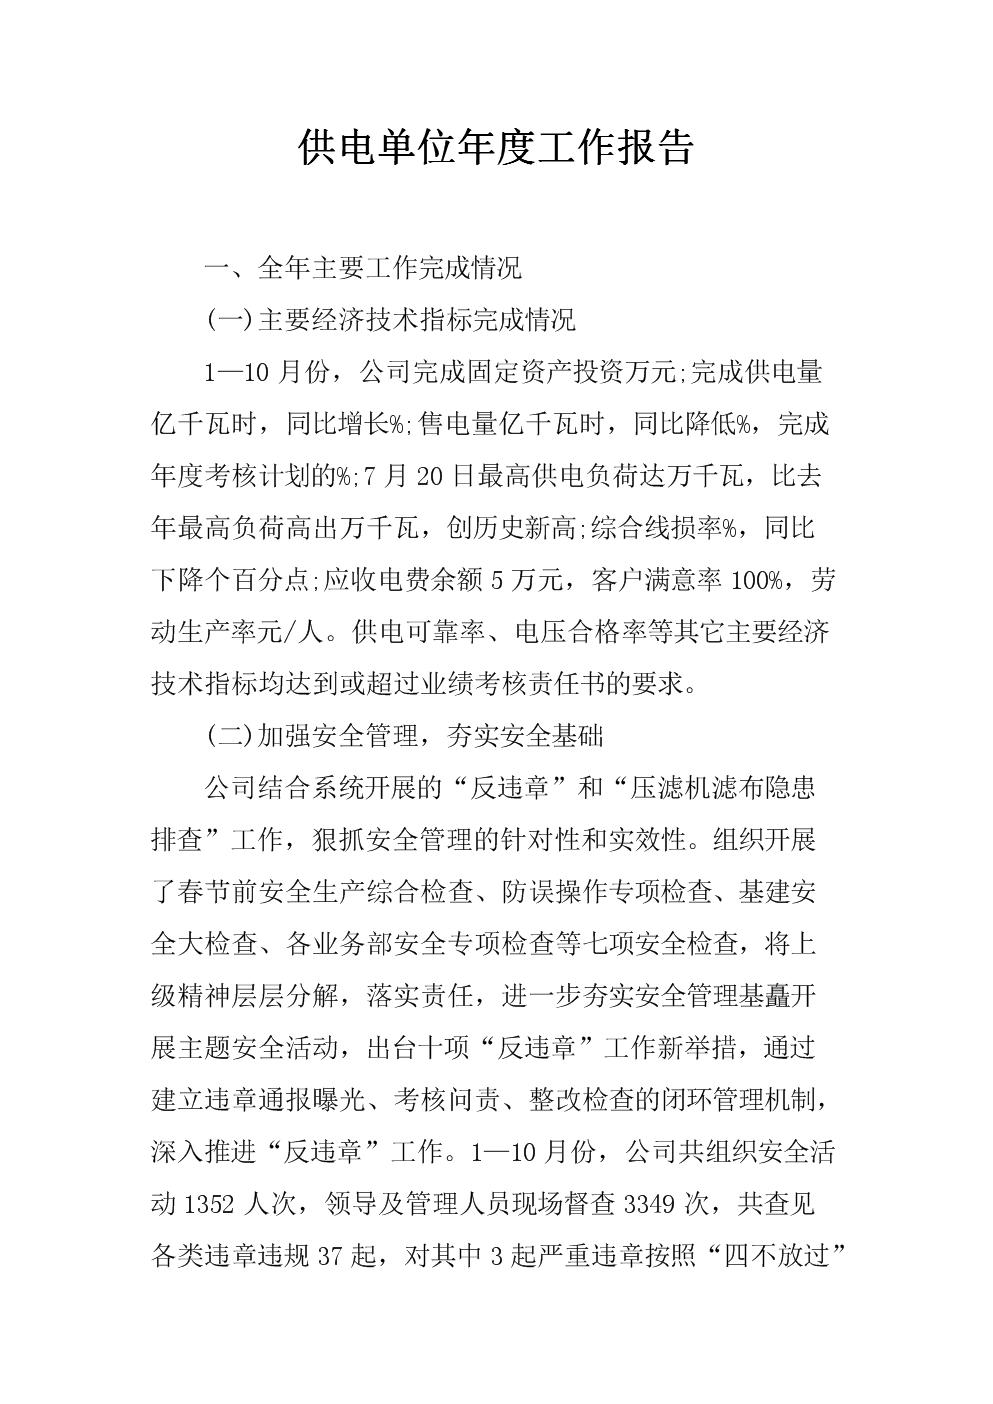 苴镇,河口三家农电业务部被如东县纪委和市公司纪委双推申报